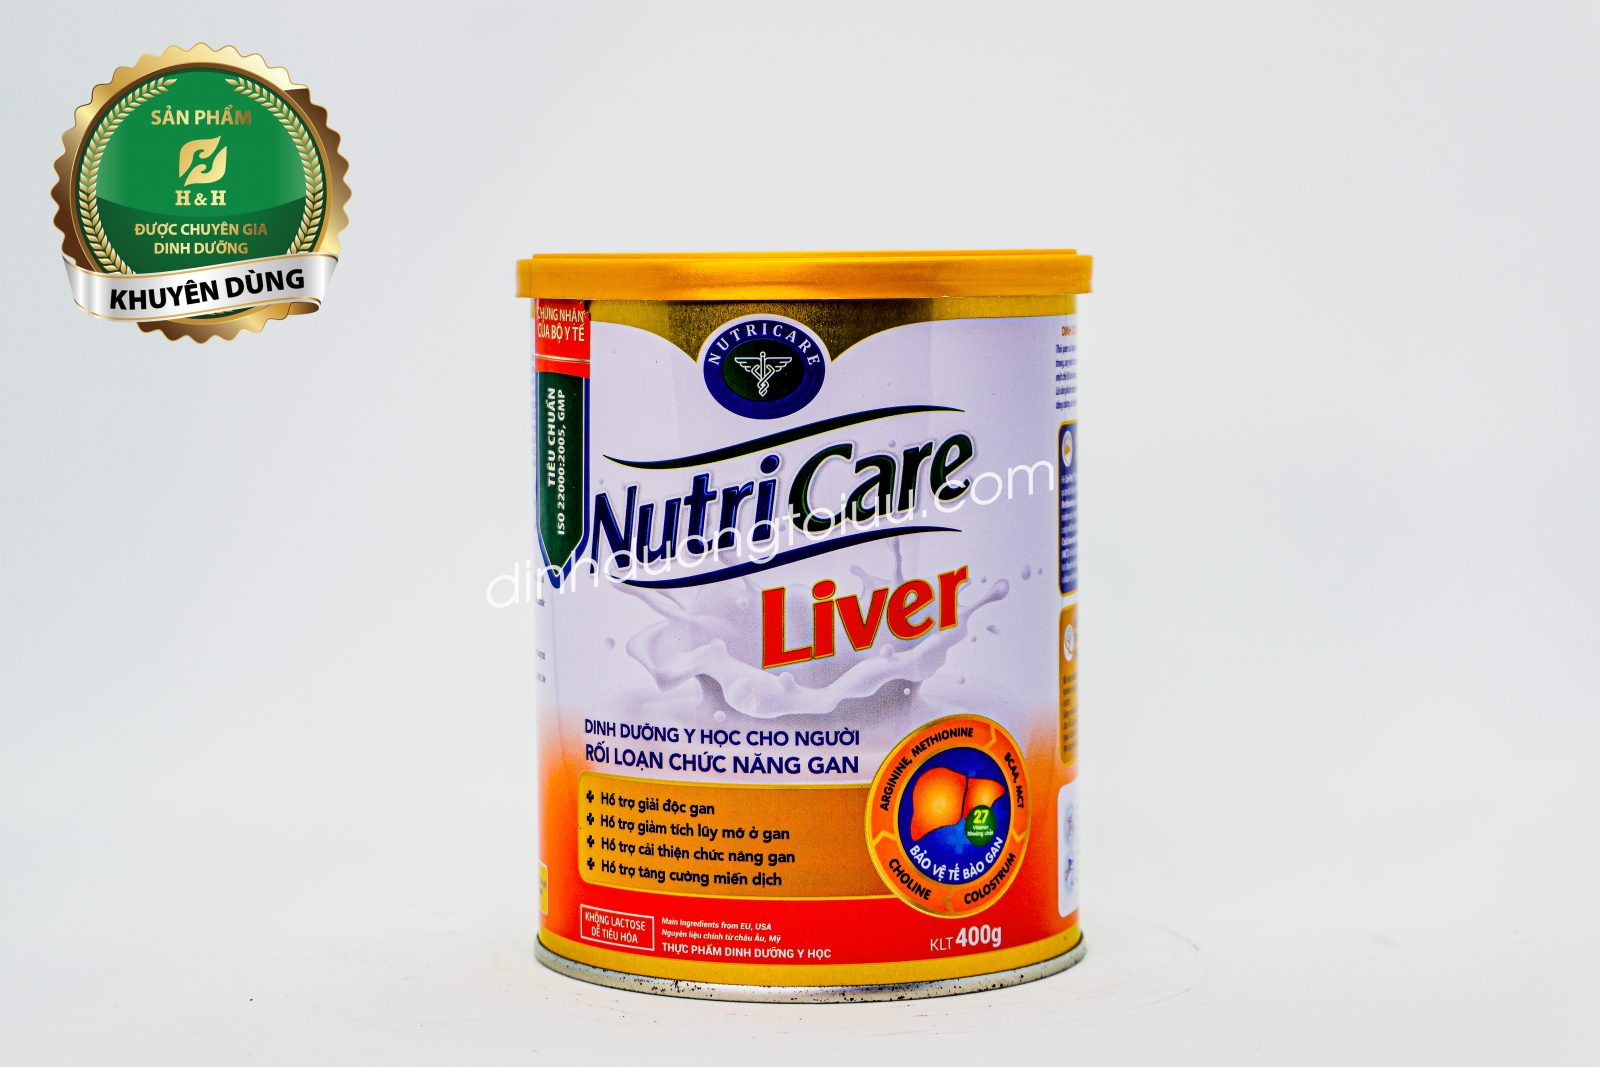 Sữa Nutricare Liver dành cho người rối loạn chức năng gan